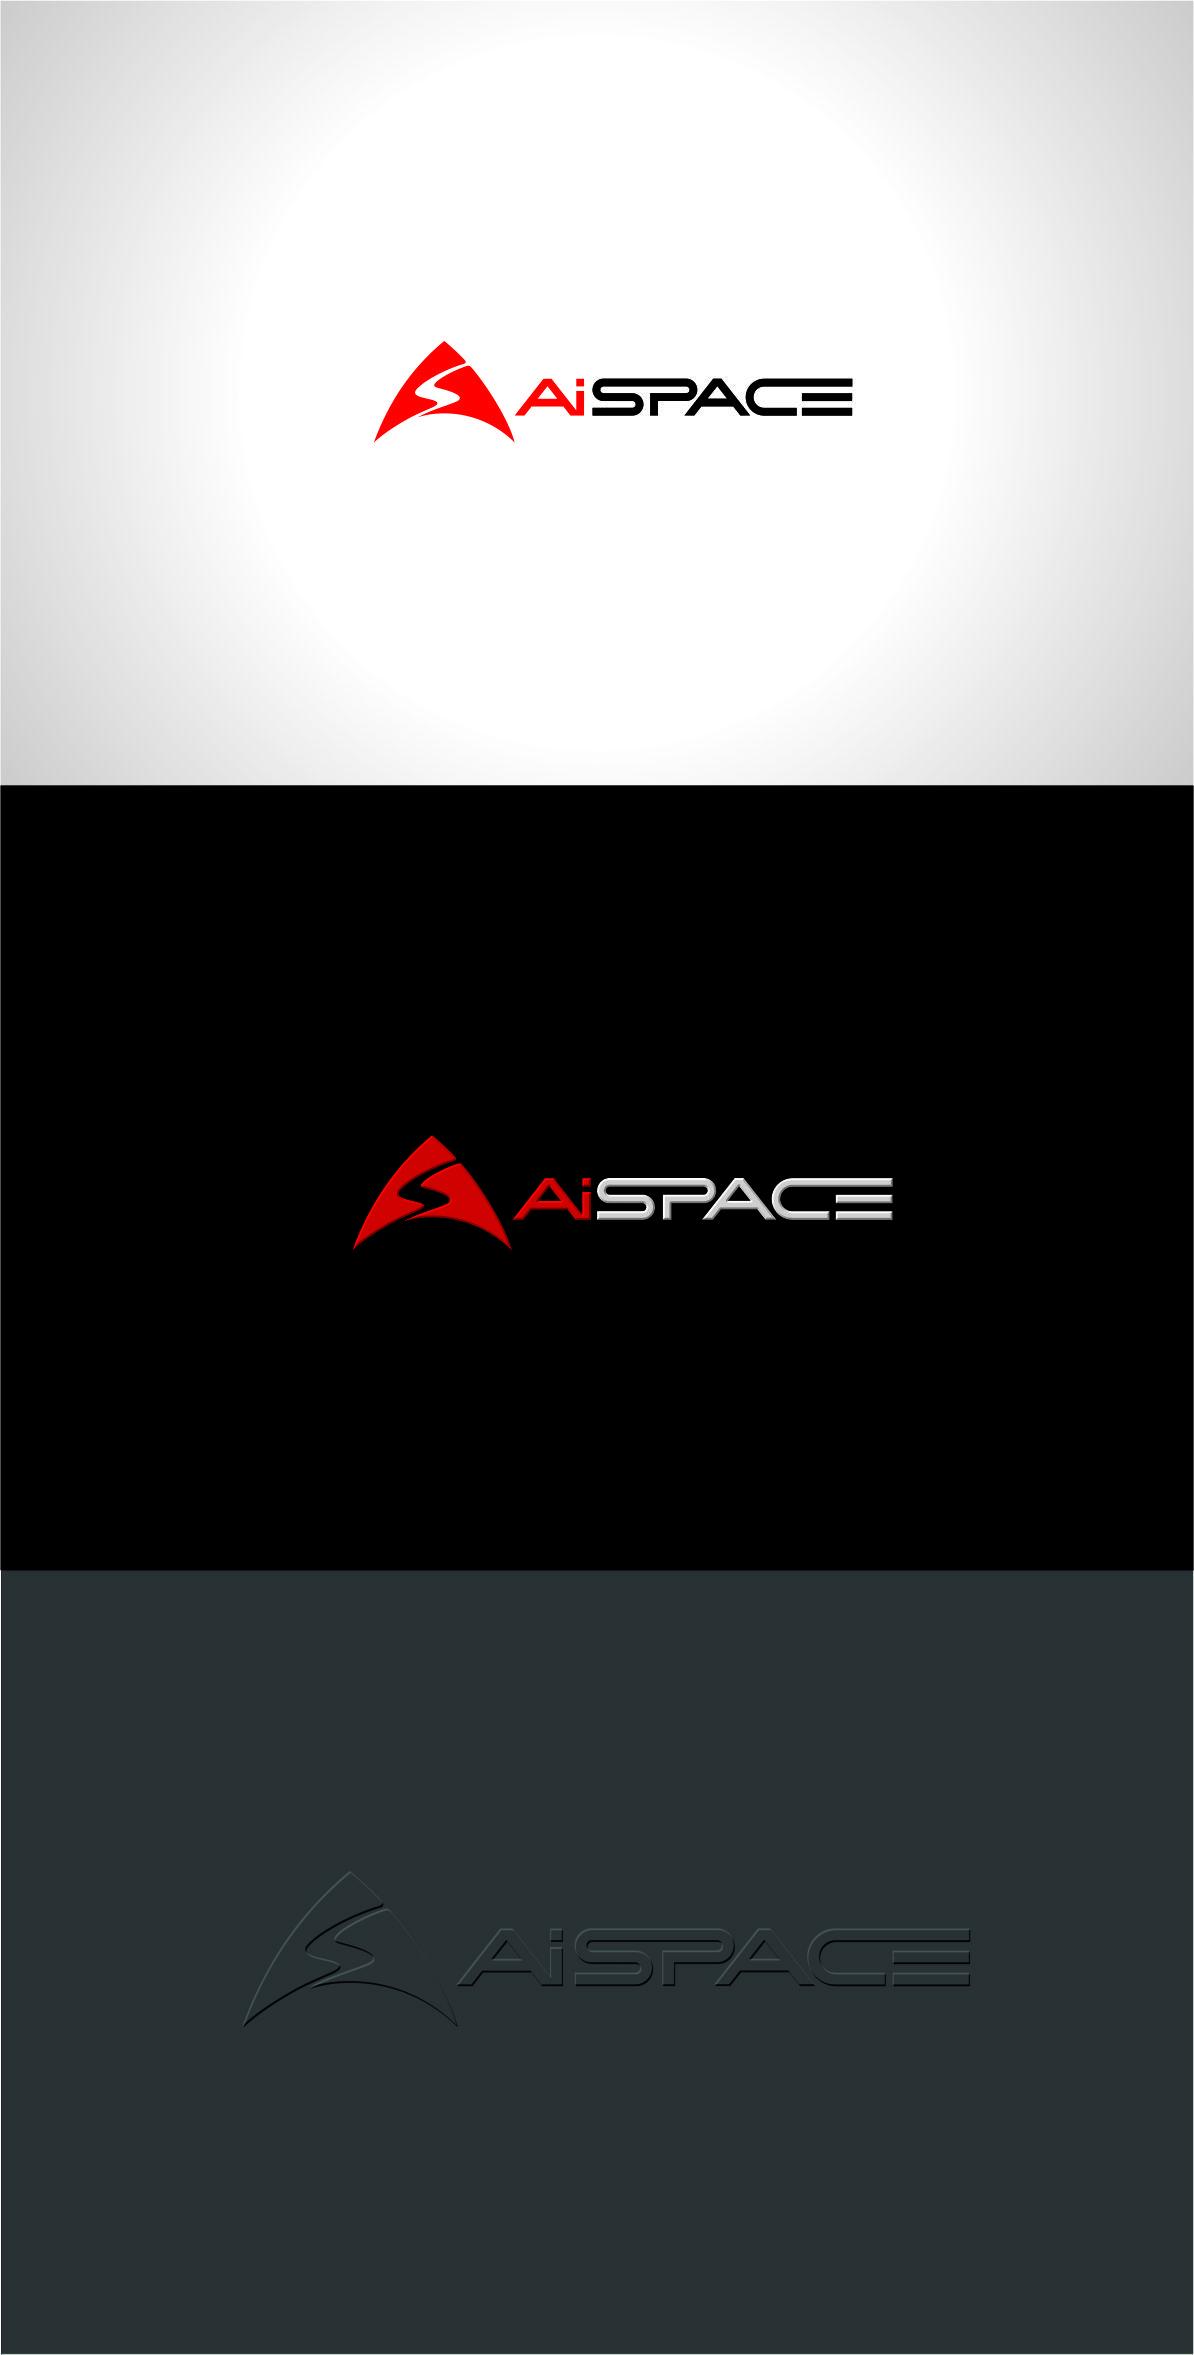 Разработать логотип и фирменный стиль для компании AiSpace фото f_79451ab6bc349dd4.jpg